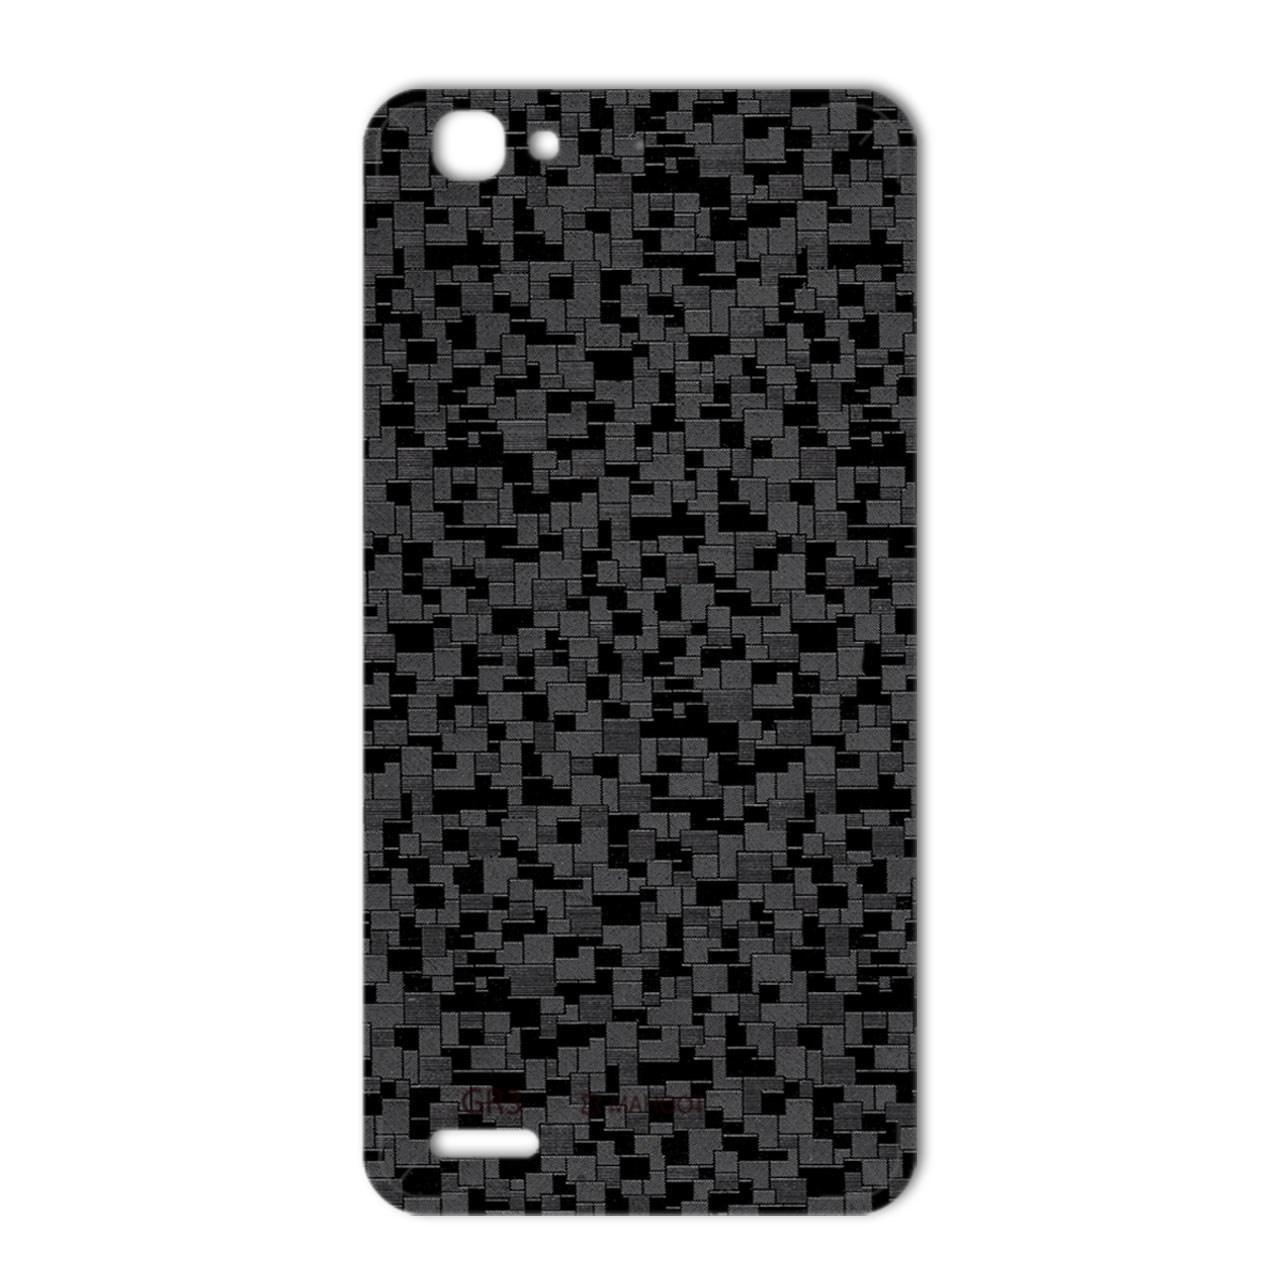 برچسب تزئینی ماهوت مدل Silicon Texture مناسب برای گوشی  Huawei GR3